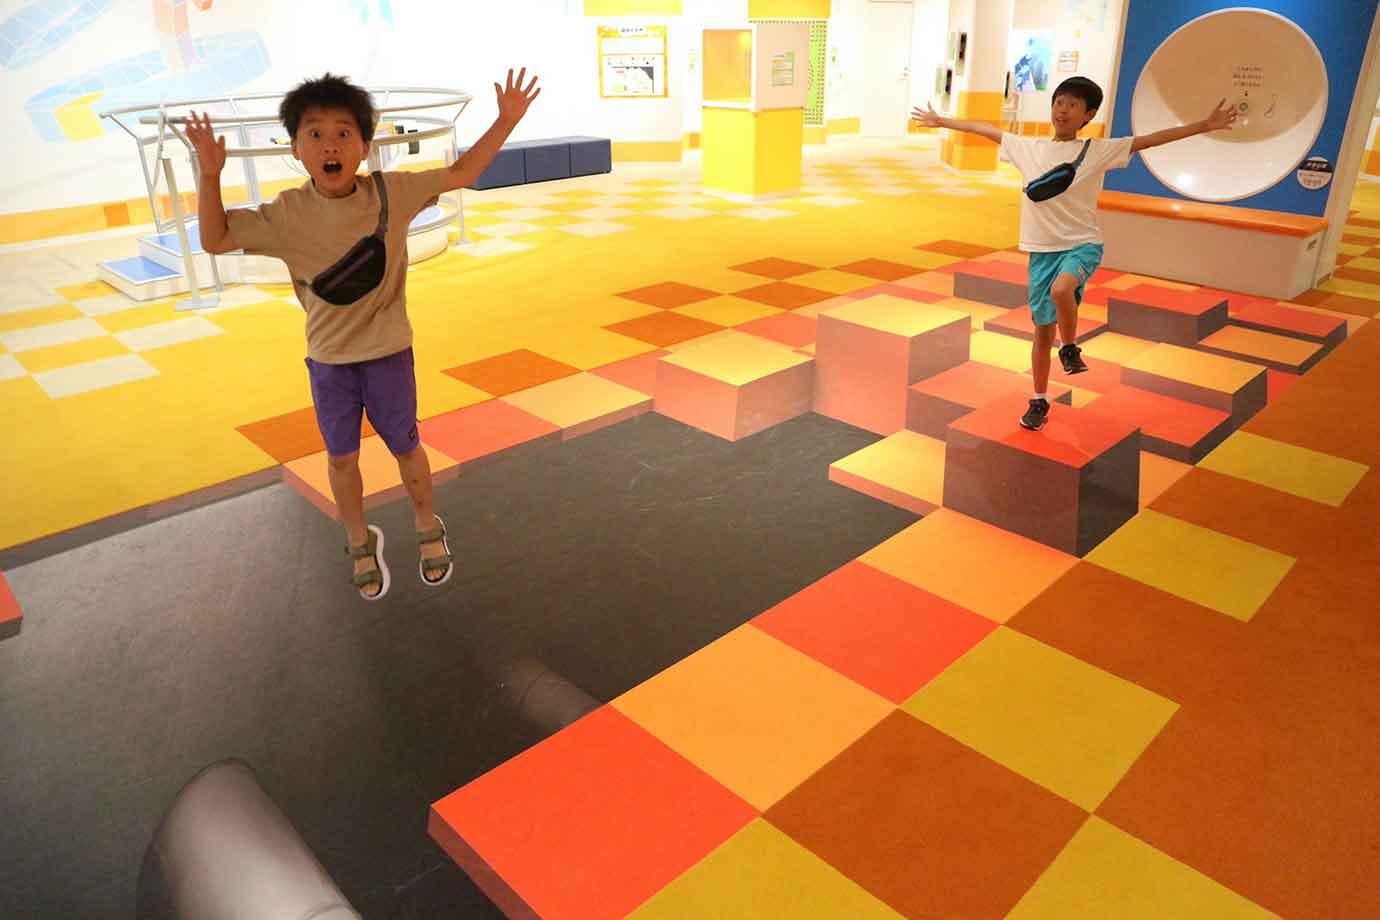 ちょうど良い場所に立ってアングルを調整すれば、穴の空いた床に落ちてしまいそうな写真を撮影できます